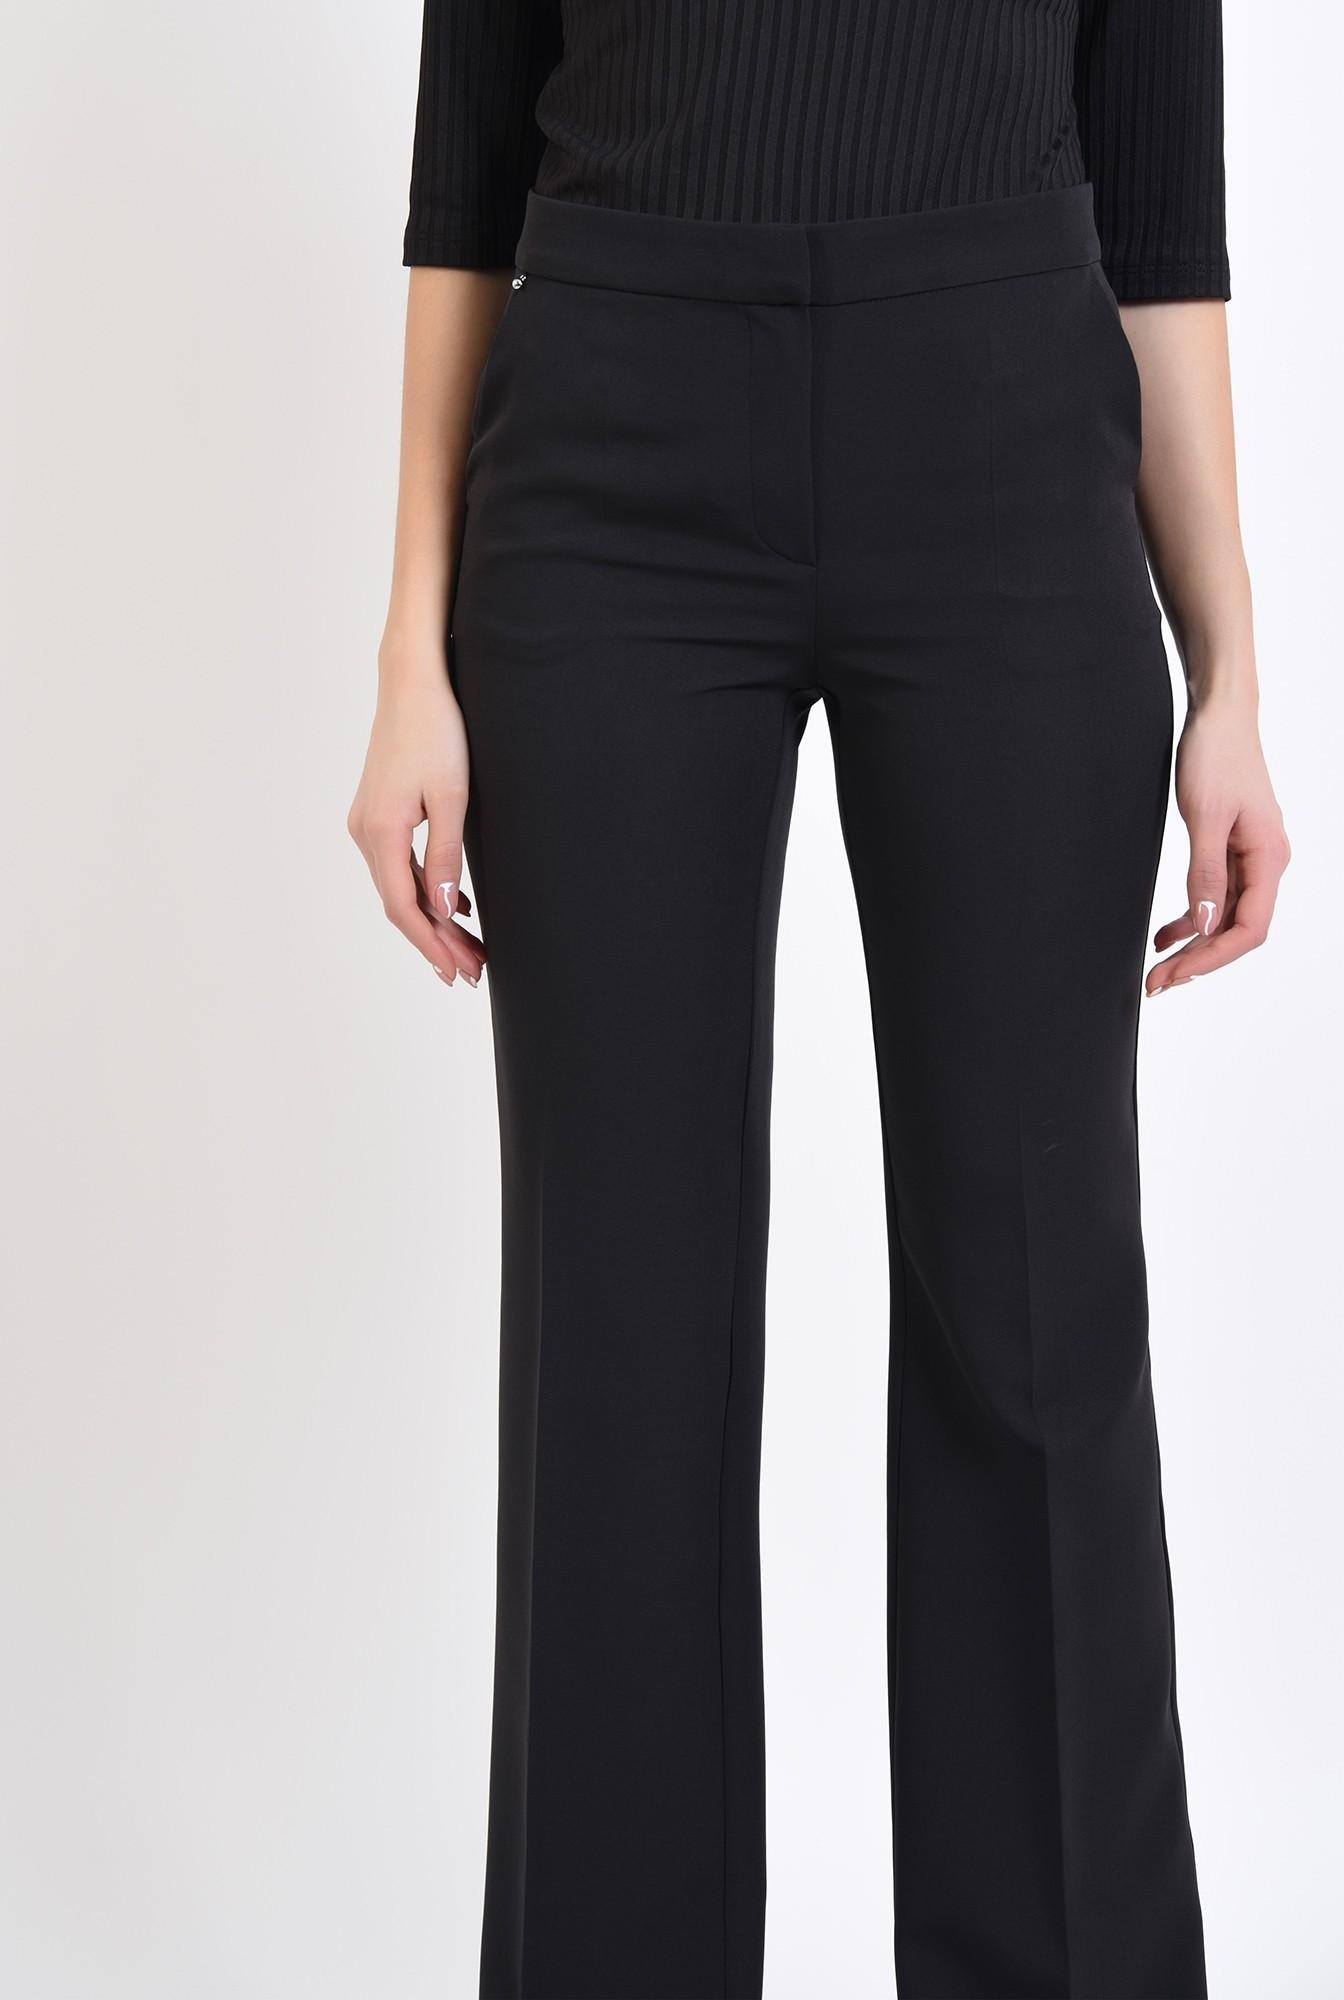 1 - pantaloni cu talie medie, cu buzunare laterale